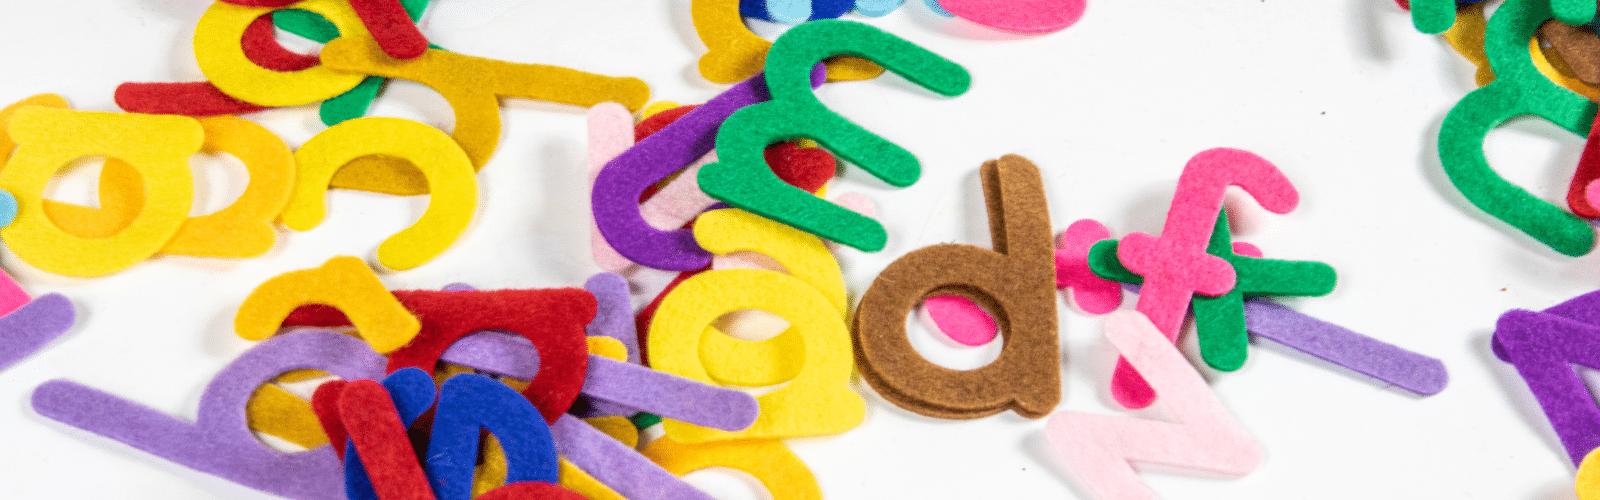 Maternelle : 6  jeux Montessori pour apprendre ludiquement !